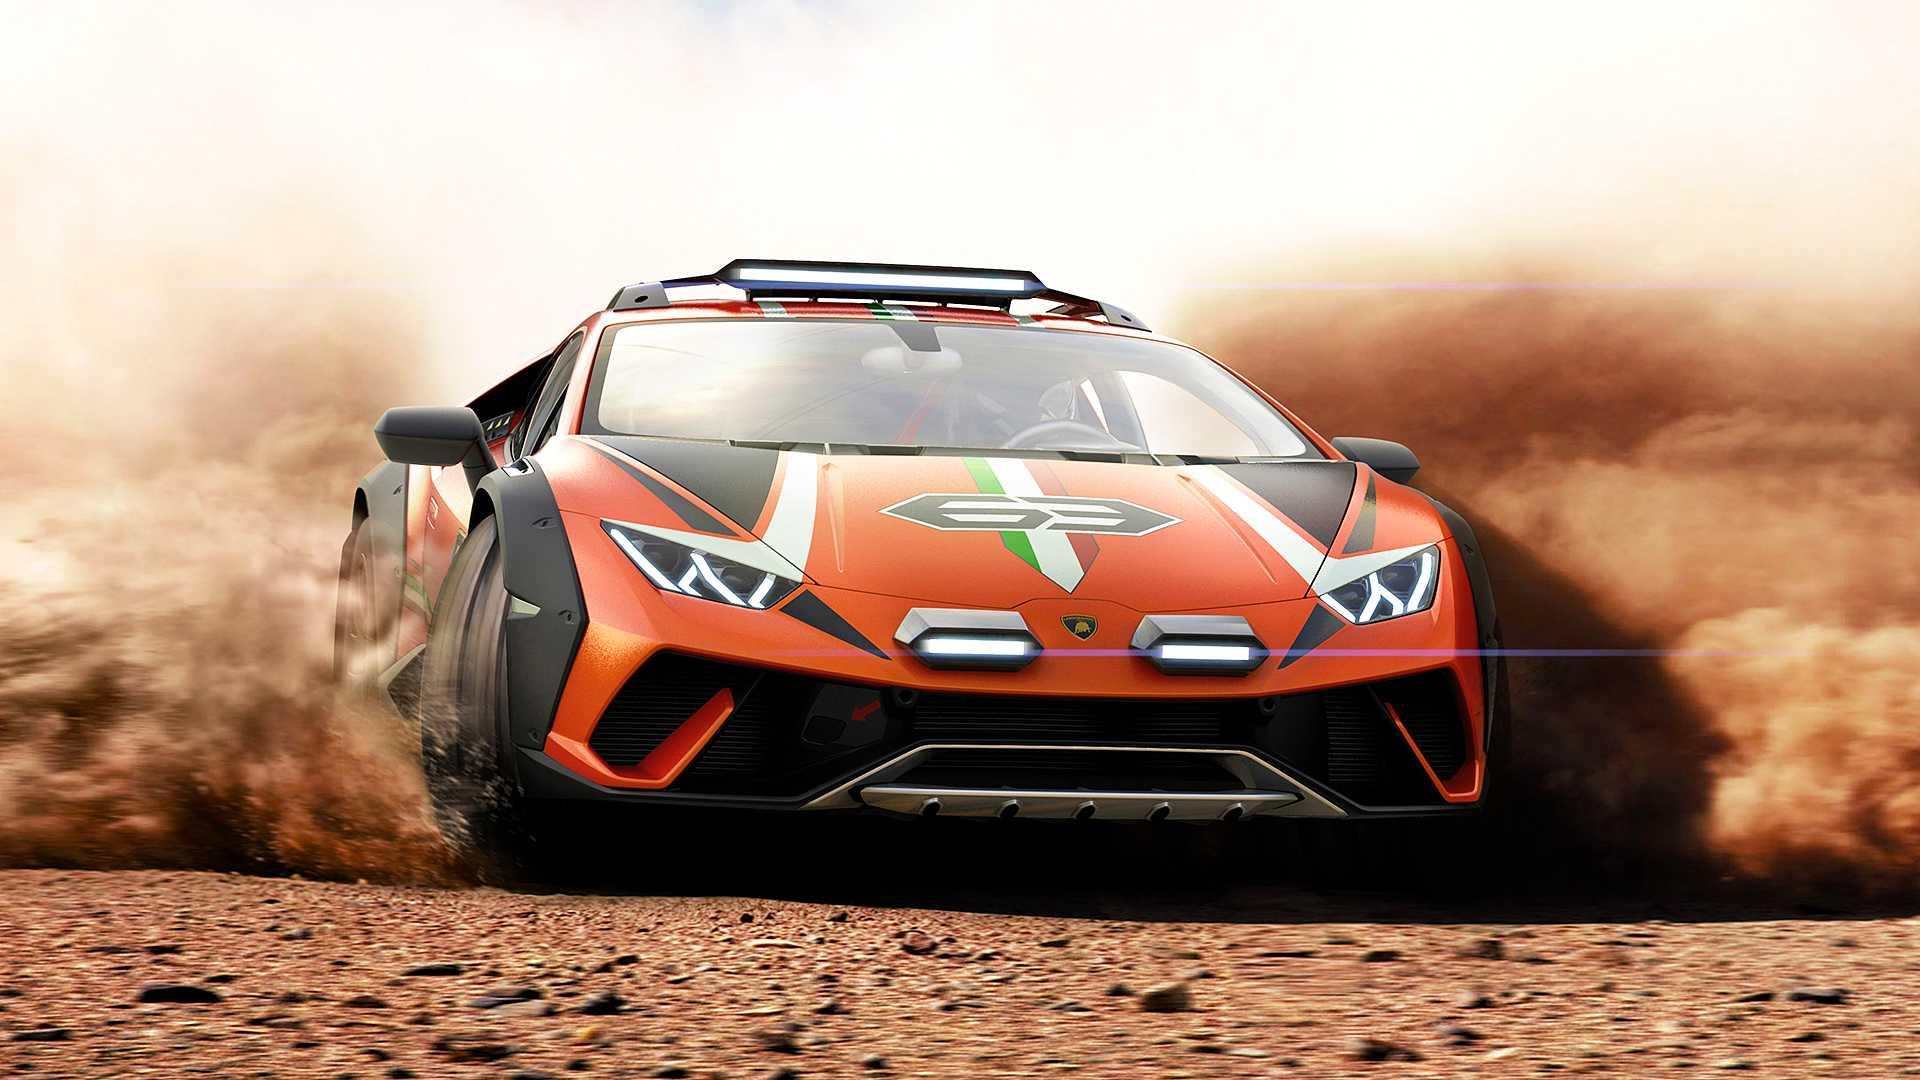 Upoznajte Lamborghini Huracan Sterrato – najluđi koncept ove godine (GALERIJA)